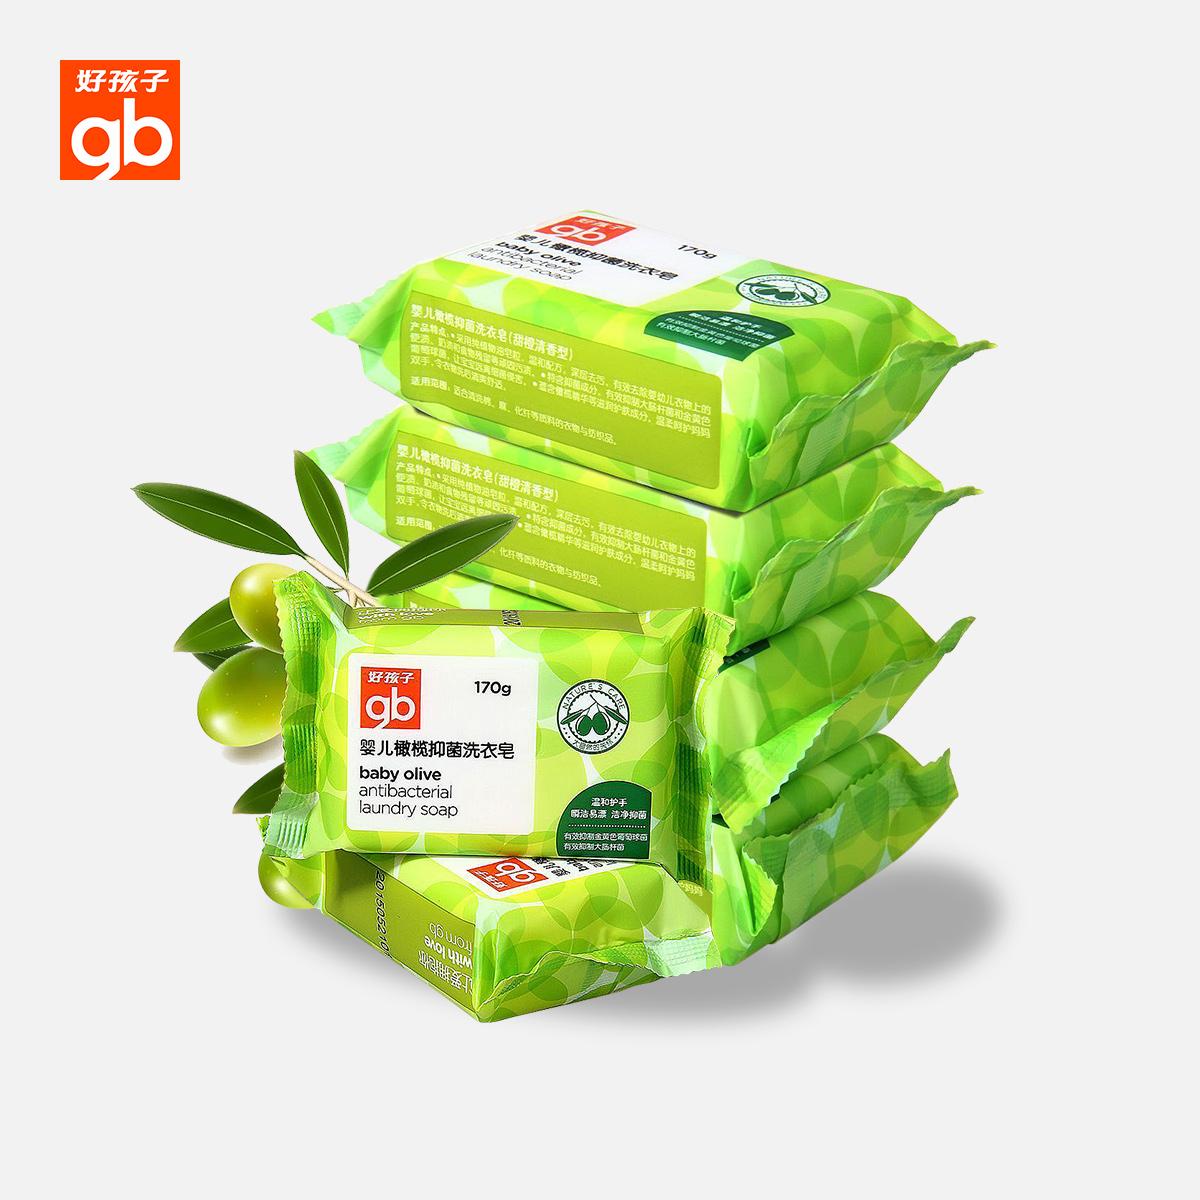 好孩子橄欖抑菌嬰兒寶寶兒童 洗衣皂天然bb香皂肥皂170g^~6包郵